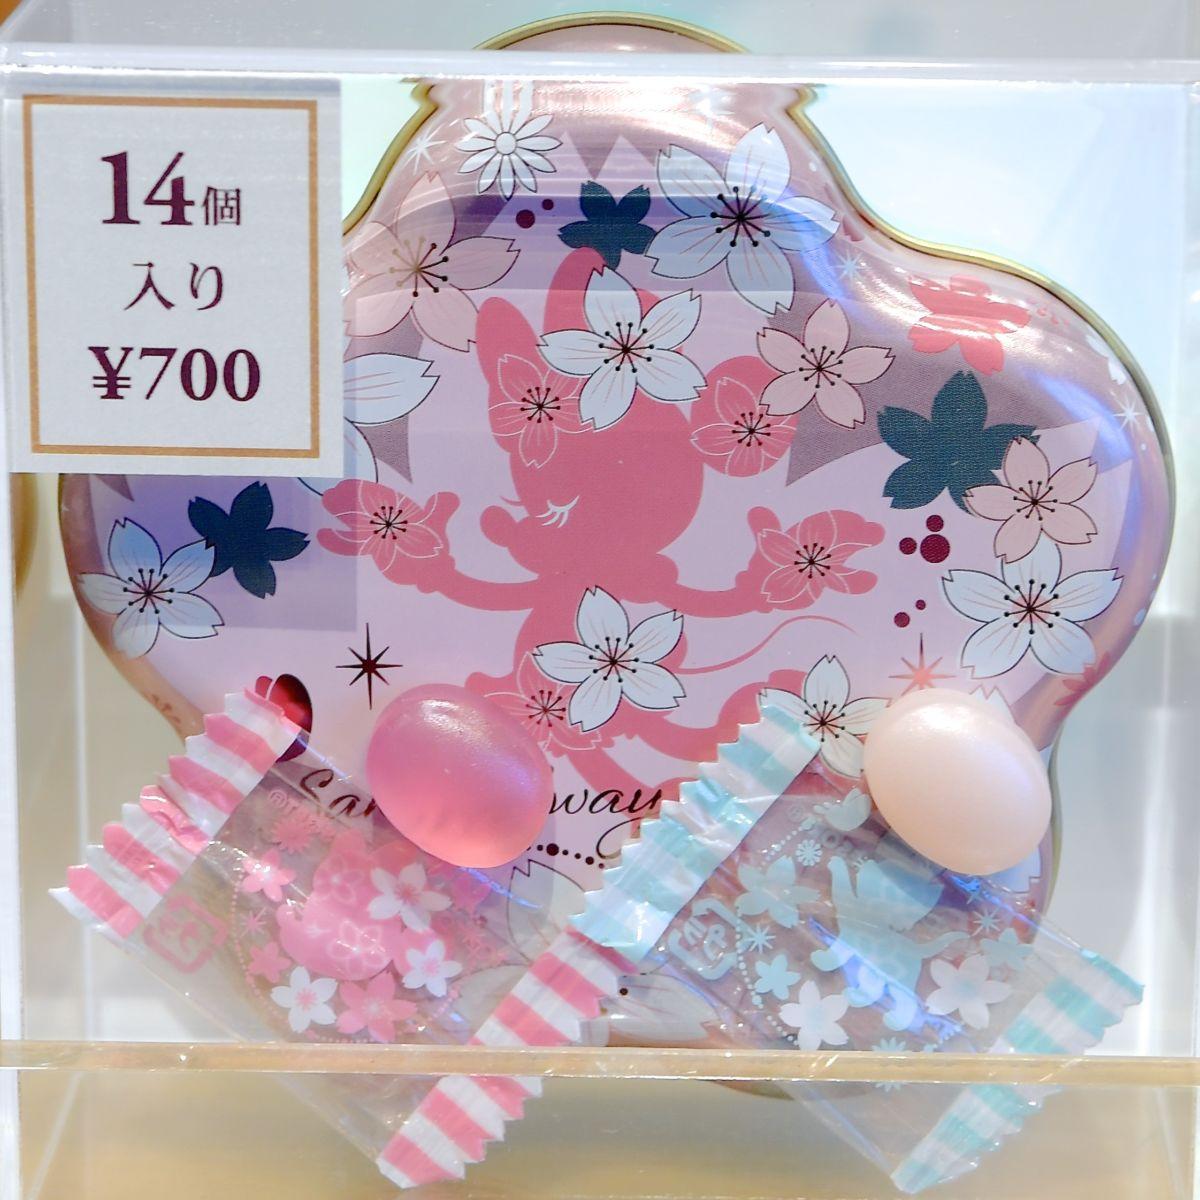 キャンディー(桜) 内容